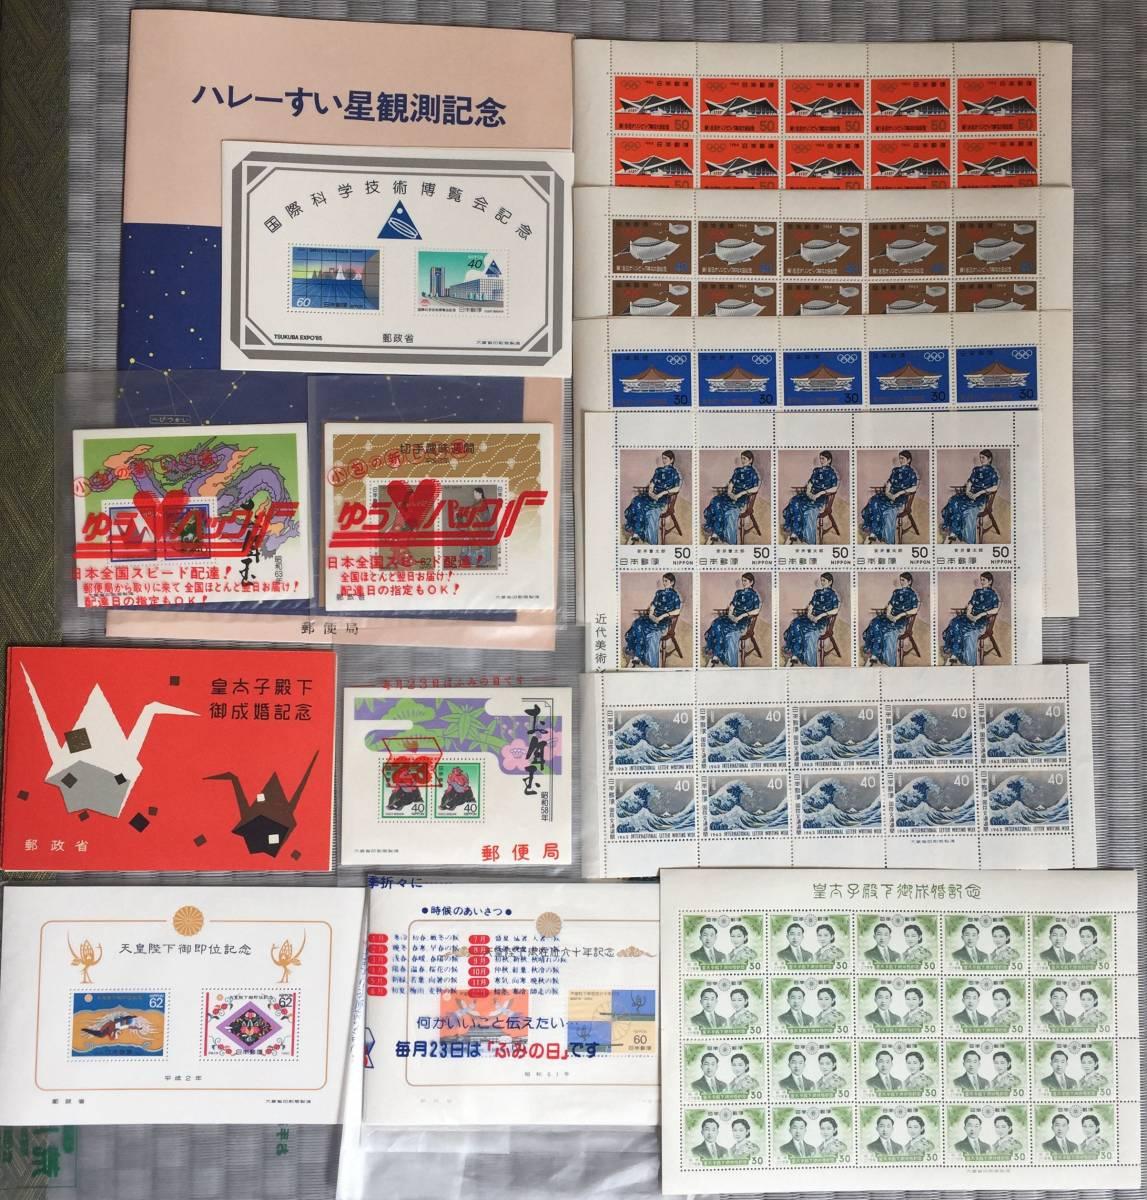 ◆日本切手 シート 全340枚 まとめ売り 額面合計15350円 特殊 記念 歴史 文化 科学 オリンピック記念 趣味 いろいろ 送料無料◆